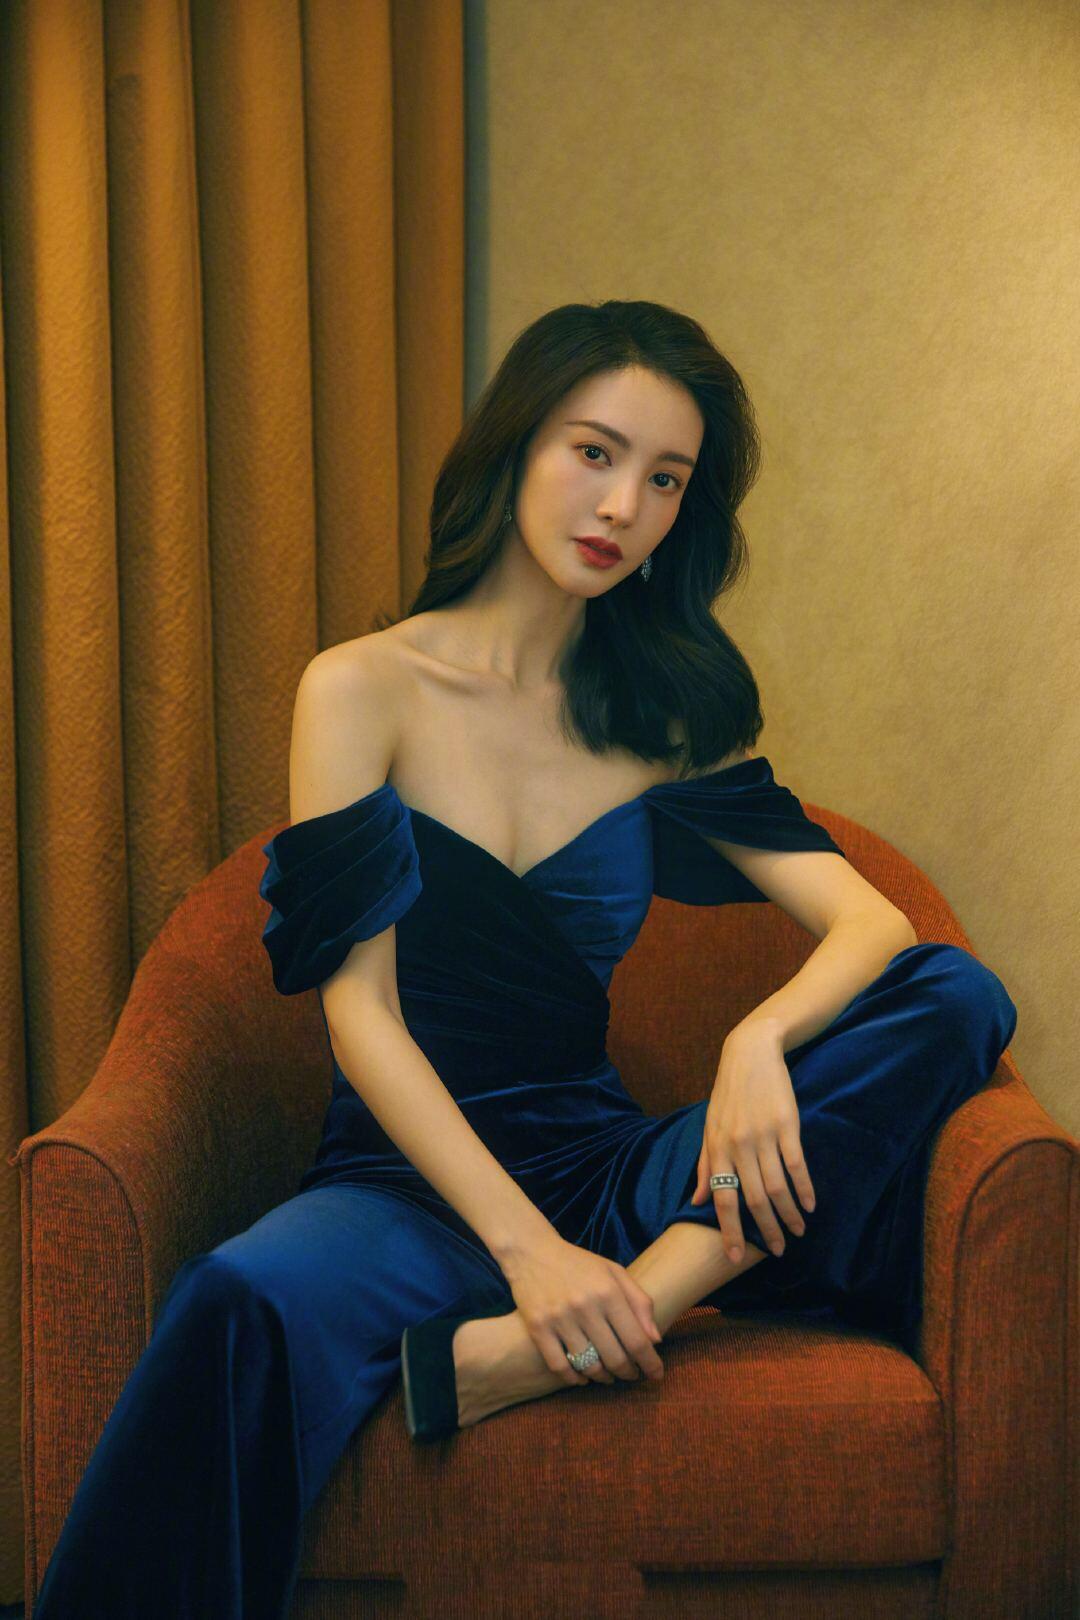 复古与时尚碰撞,金晨紧身蓝丝绒连体裤港风十足,身材好让人羡慕